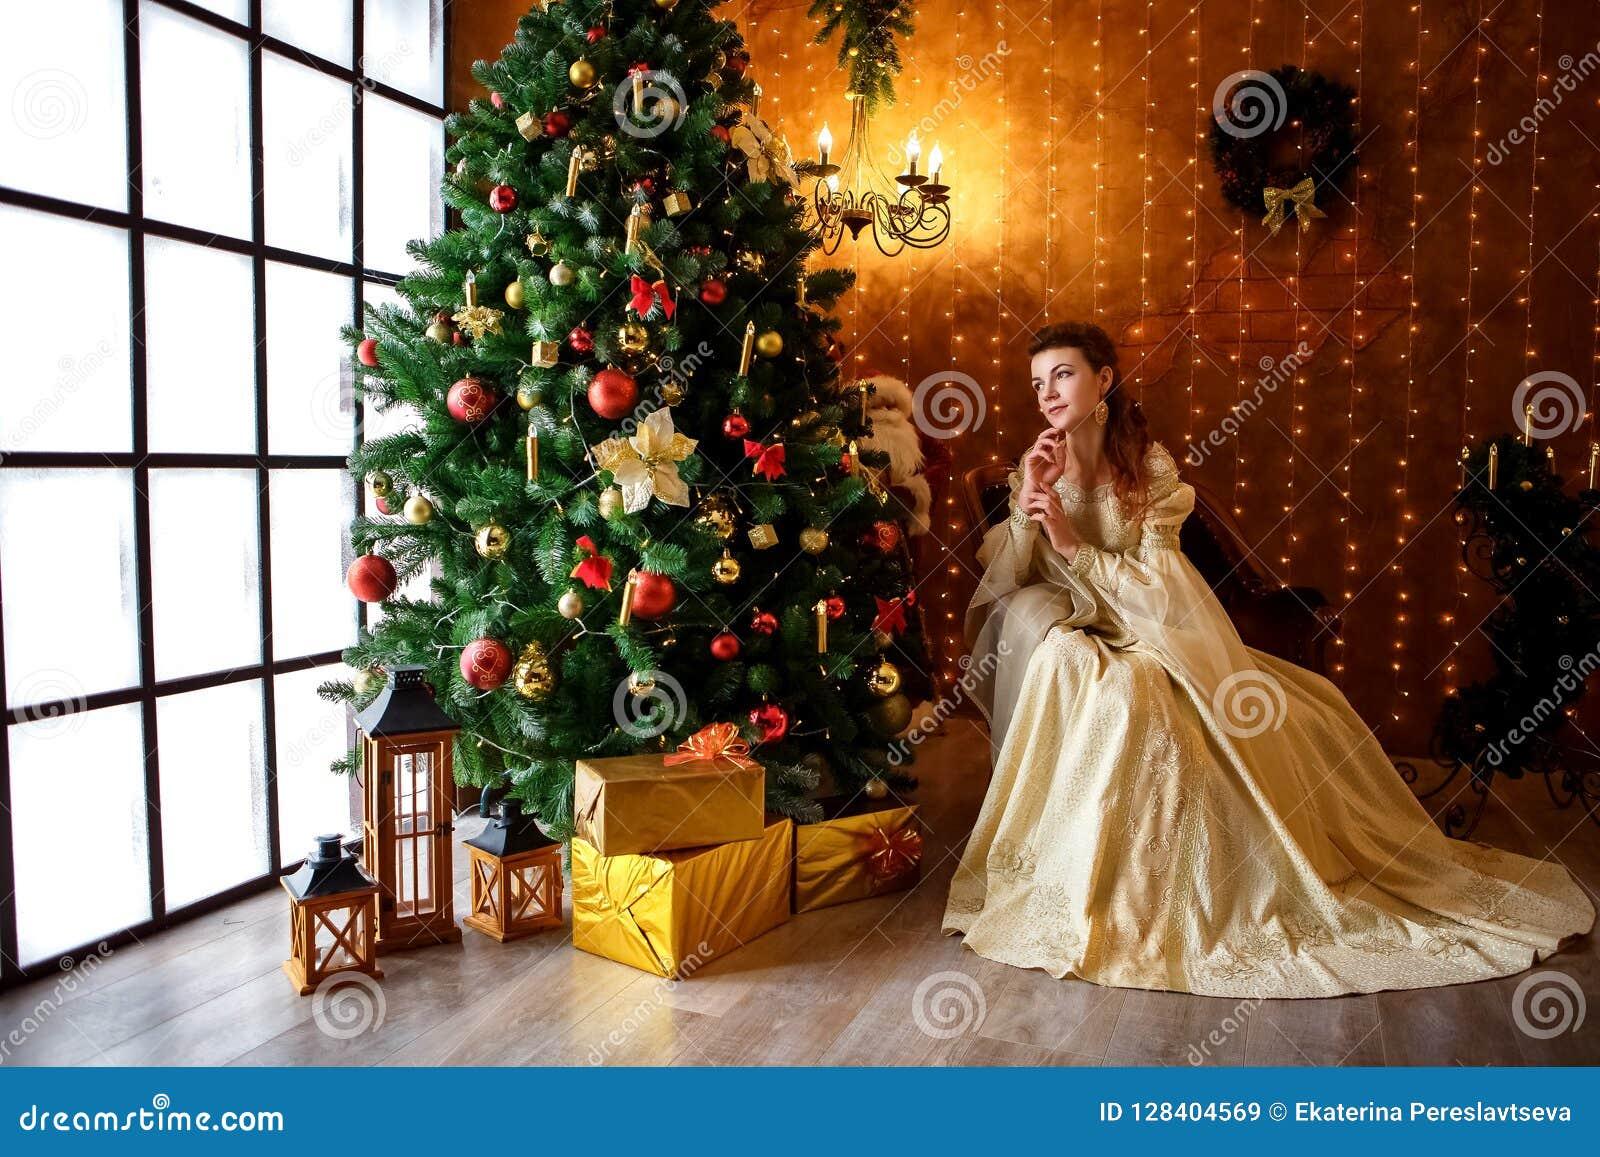 Красивая молодая женщина в красивом платье сидя на рождественской елке с подарками, рождеством и Новым Годом